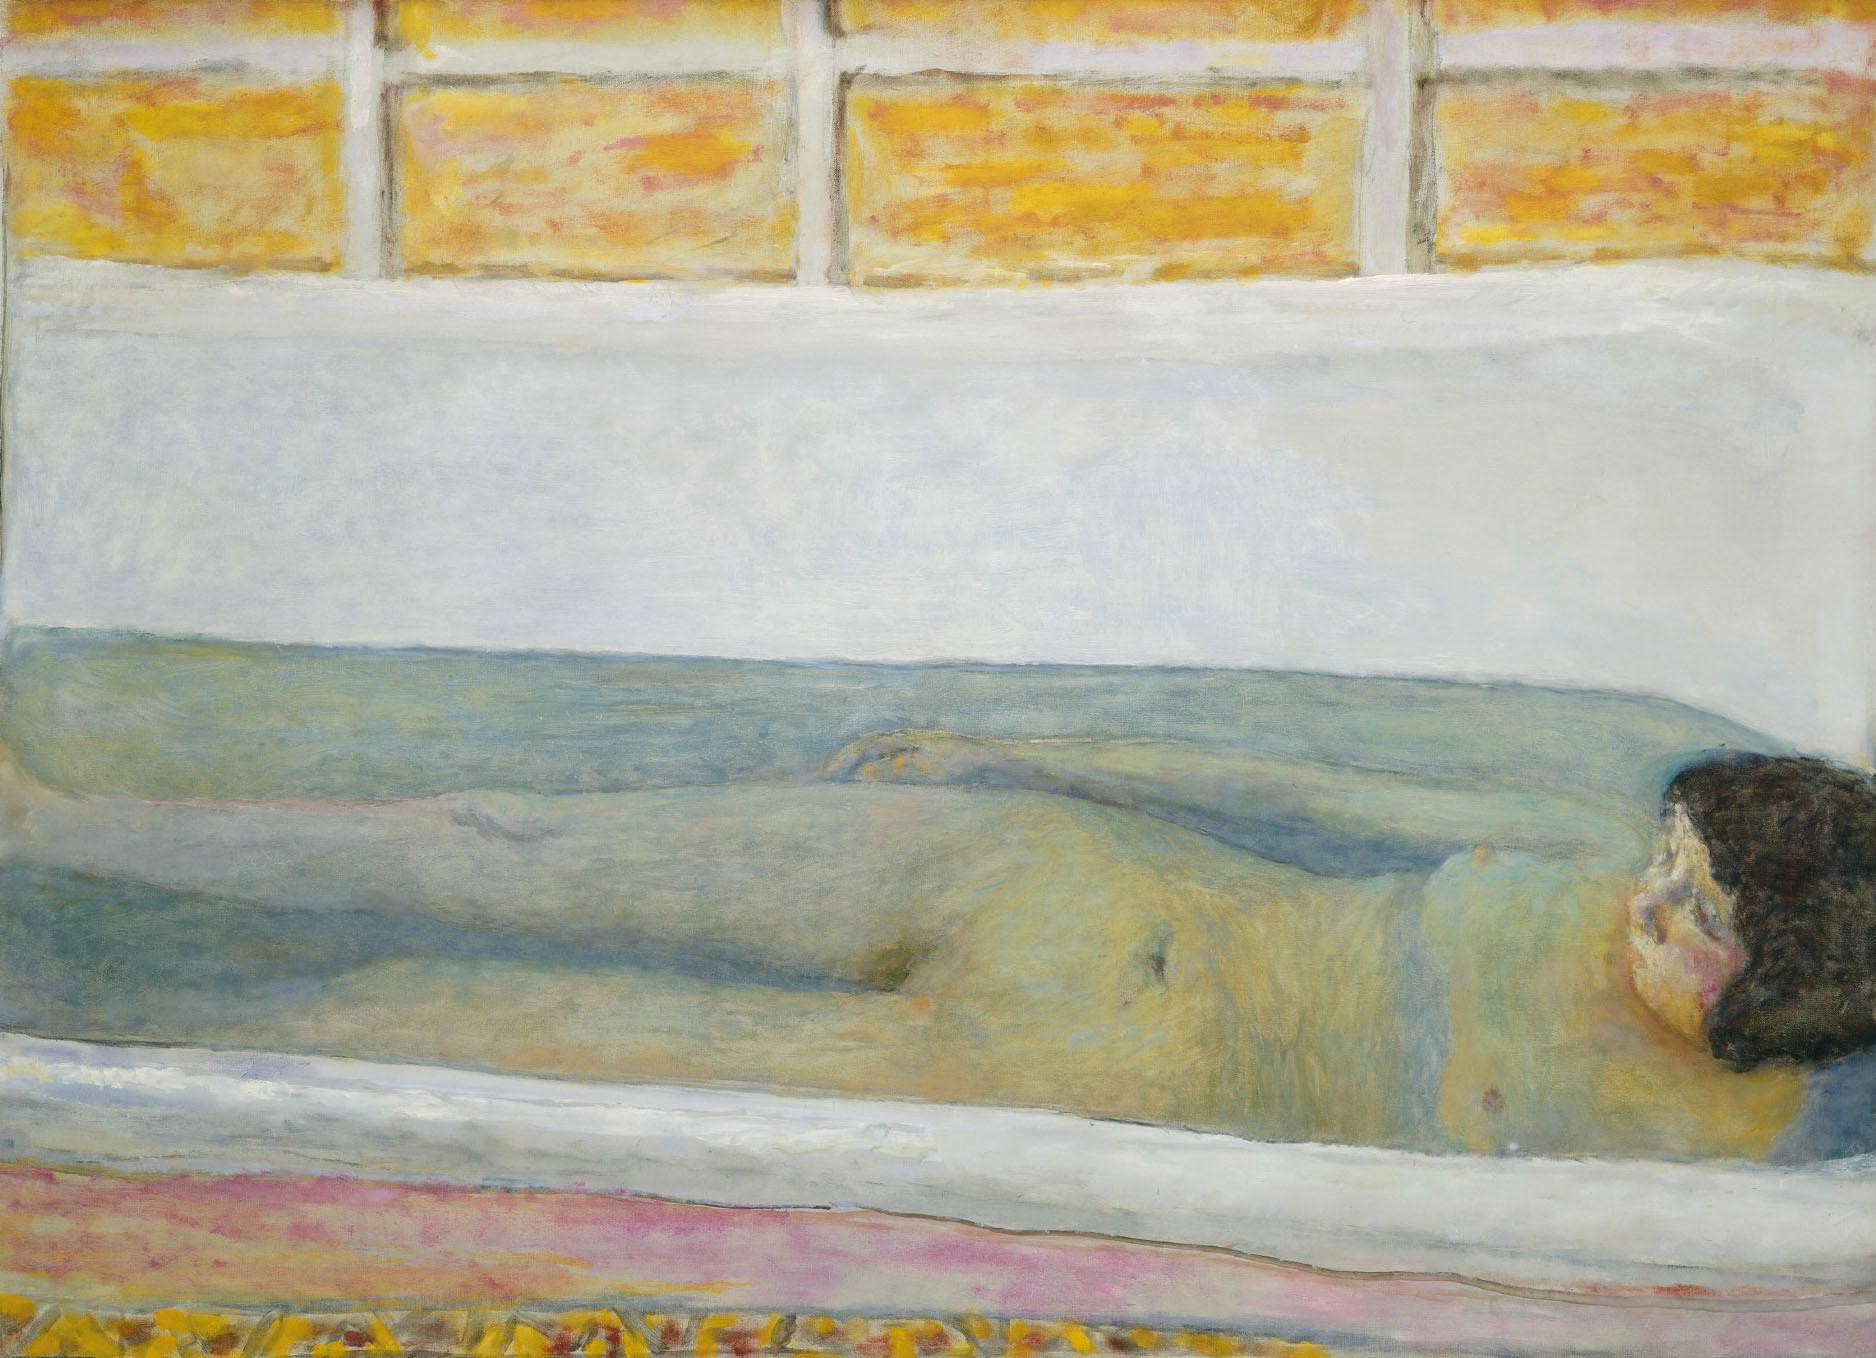 ピエール・ボナール 《浴室》 1925年 油彩/カンヴァス 86×120.6cm Tate: Presented by Lord Ivor Spencer Churchill through the Contemporary Art Society 1930, image© Tate, London 2017